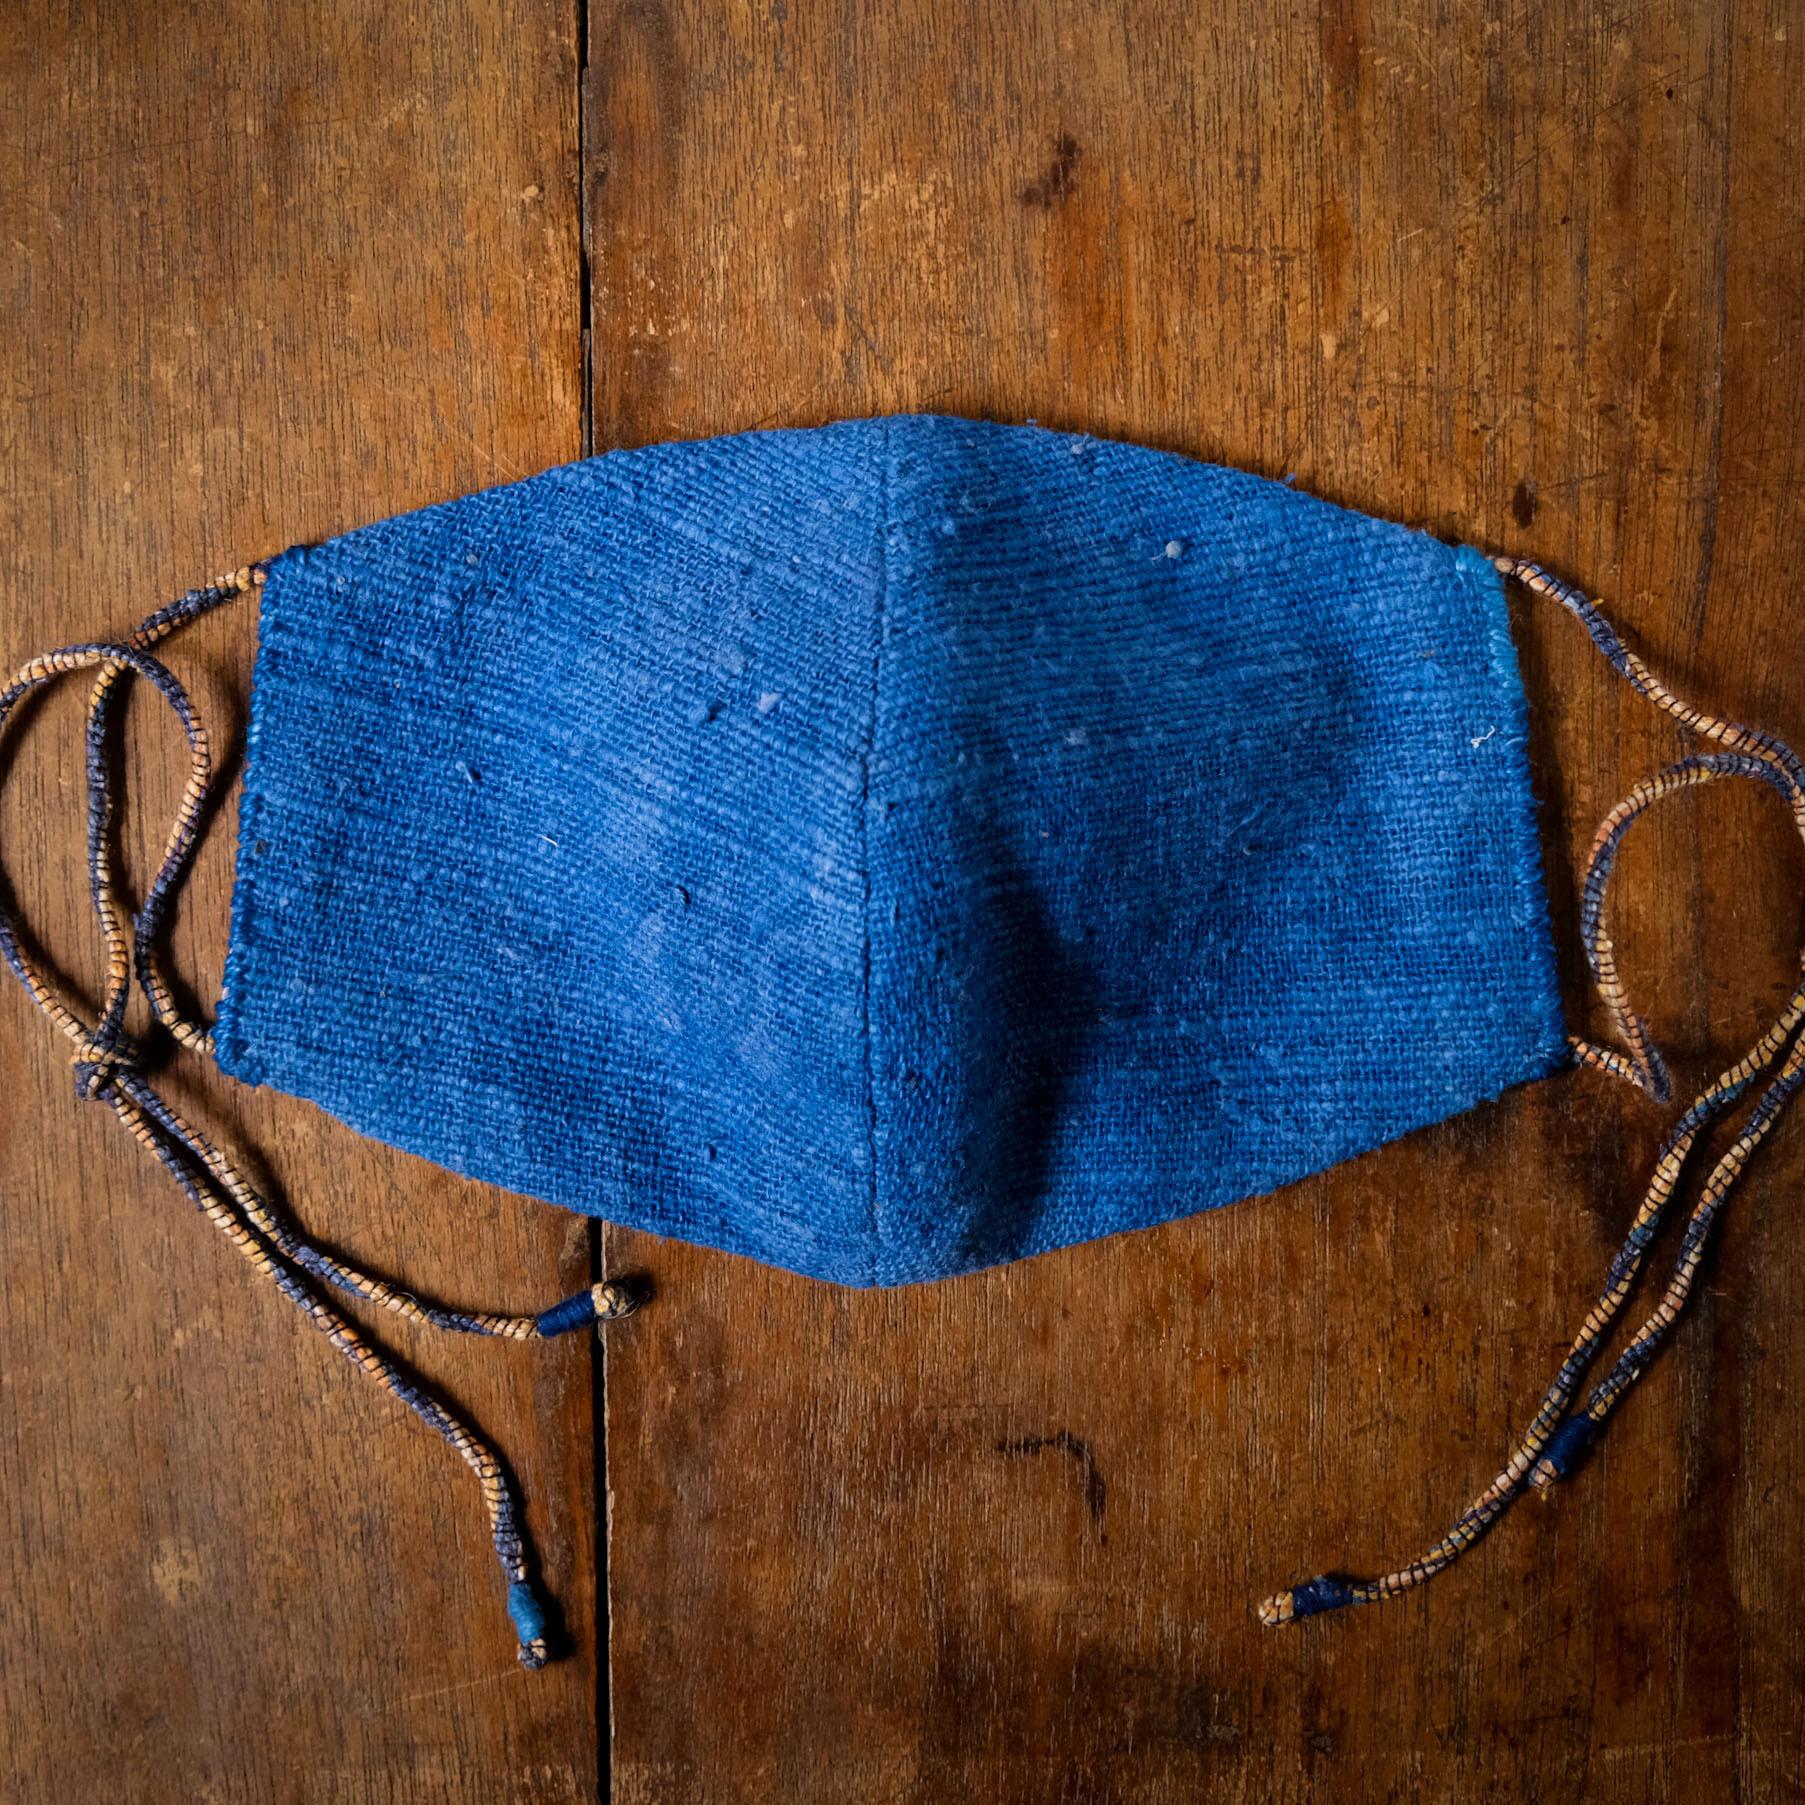 「みなも」藍染手紡ぎ手織り綿と竹布の手縫いマスク 男性用